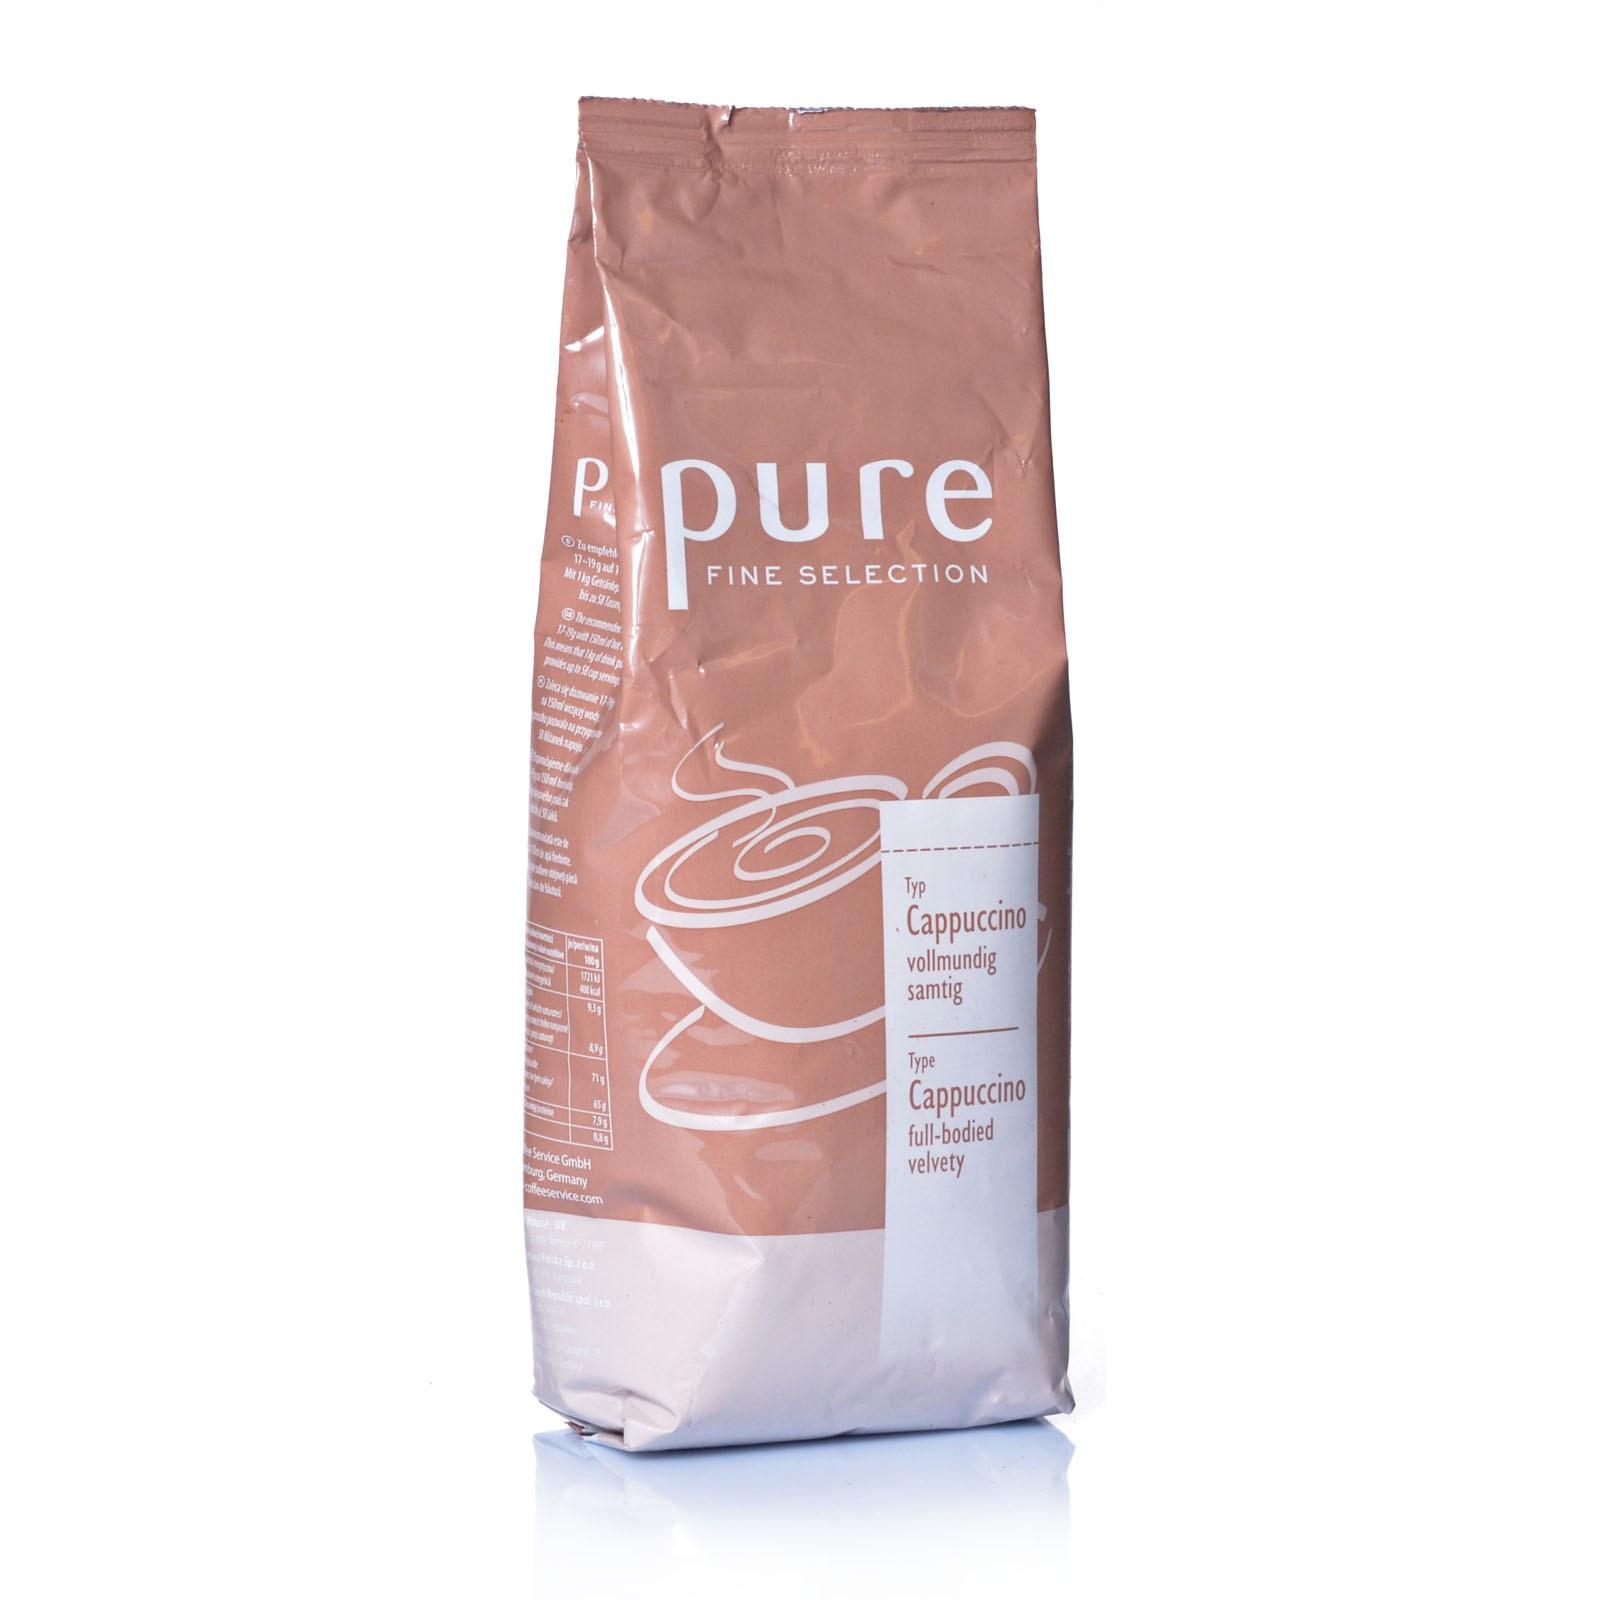 tchibo pure fine selection cappuccino topping crema macht lecker milchkaffee oder latte macchiato. Black Bedroom Furniture Sets. Home Design Ideas